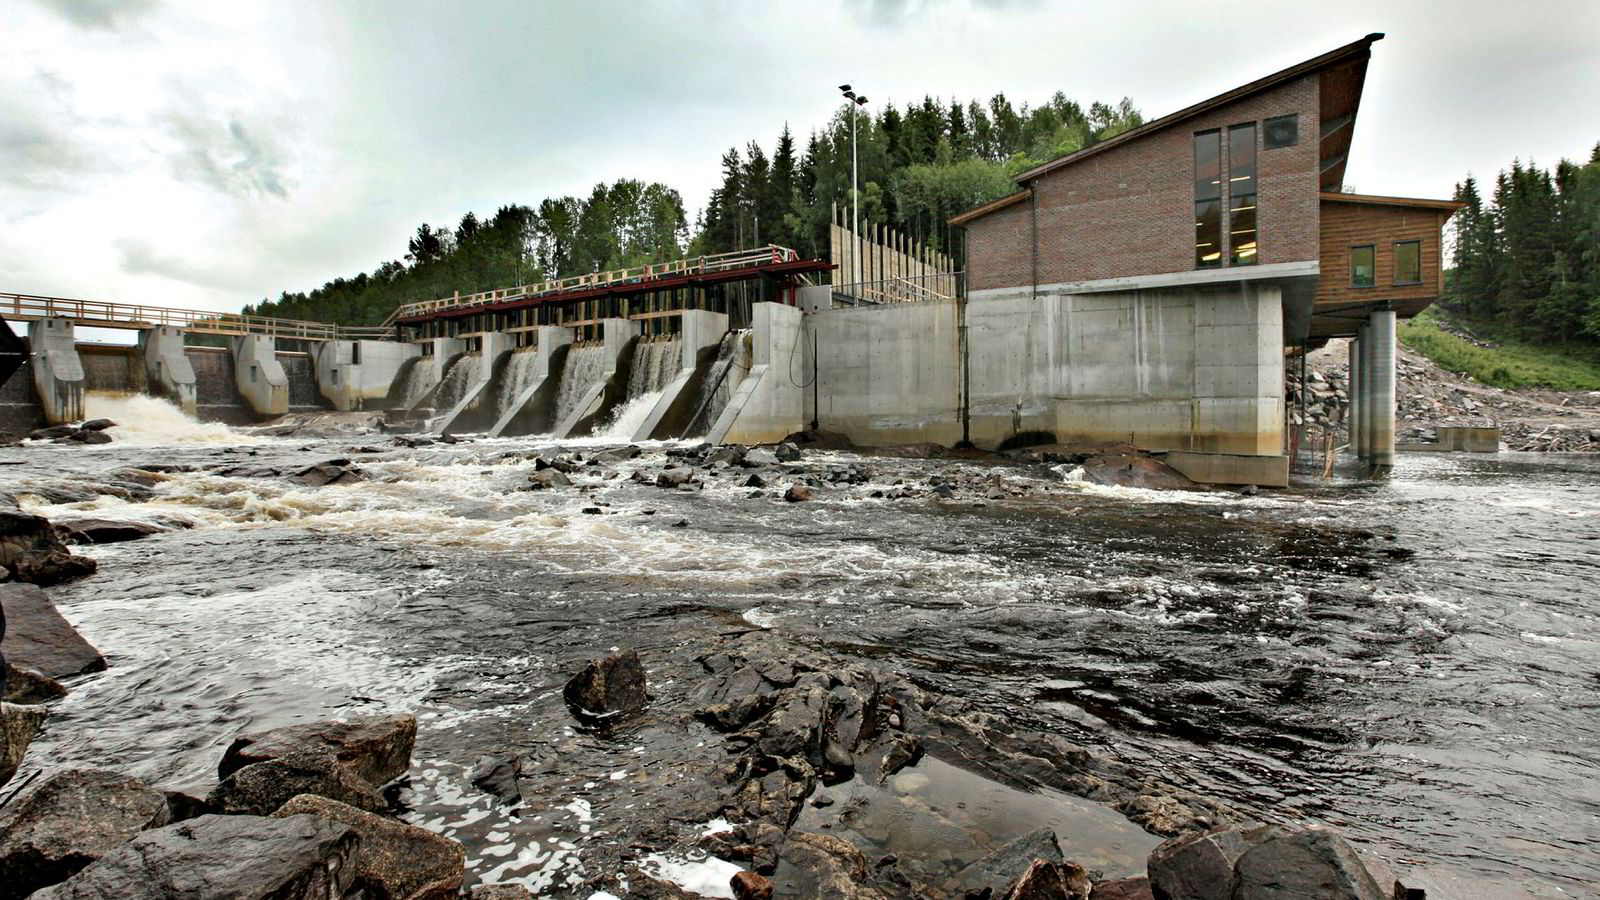 Et grovt bilde av hva alt dette vil si i praksis, lar seg tegne ved å se på muligheter som maskinlæring åpner innen vannkraft. Der er driftssikkerhet alfa og omega, skriver artikkelforfatterne. Her Syversætre Foss kraftverk i Hedmark.